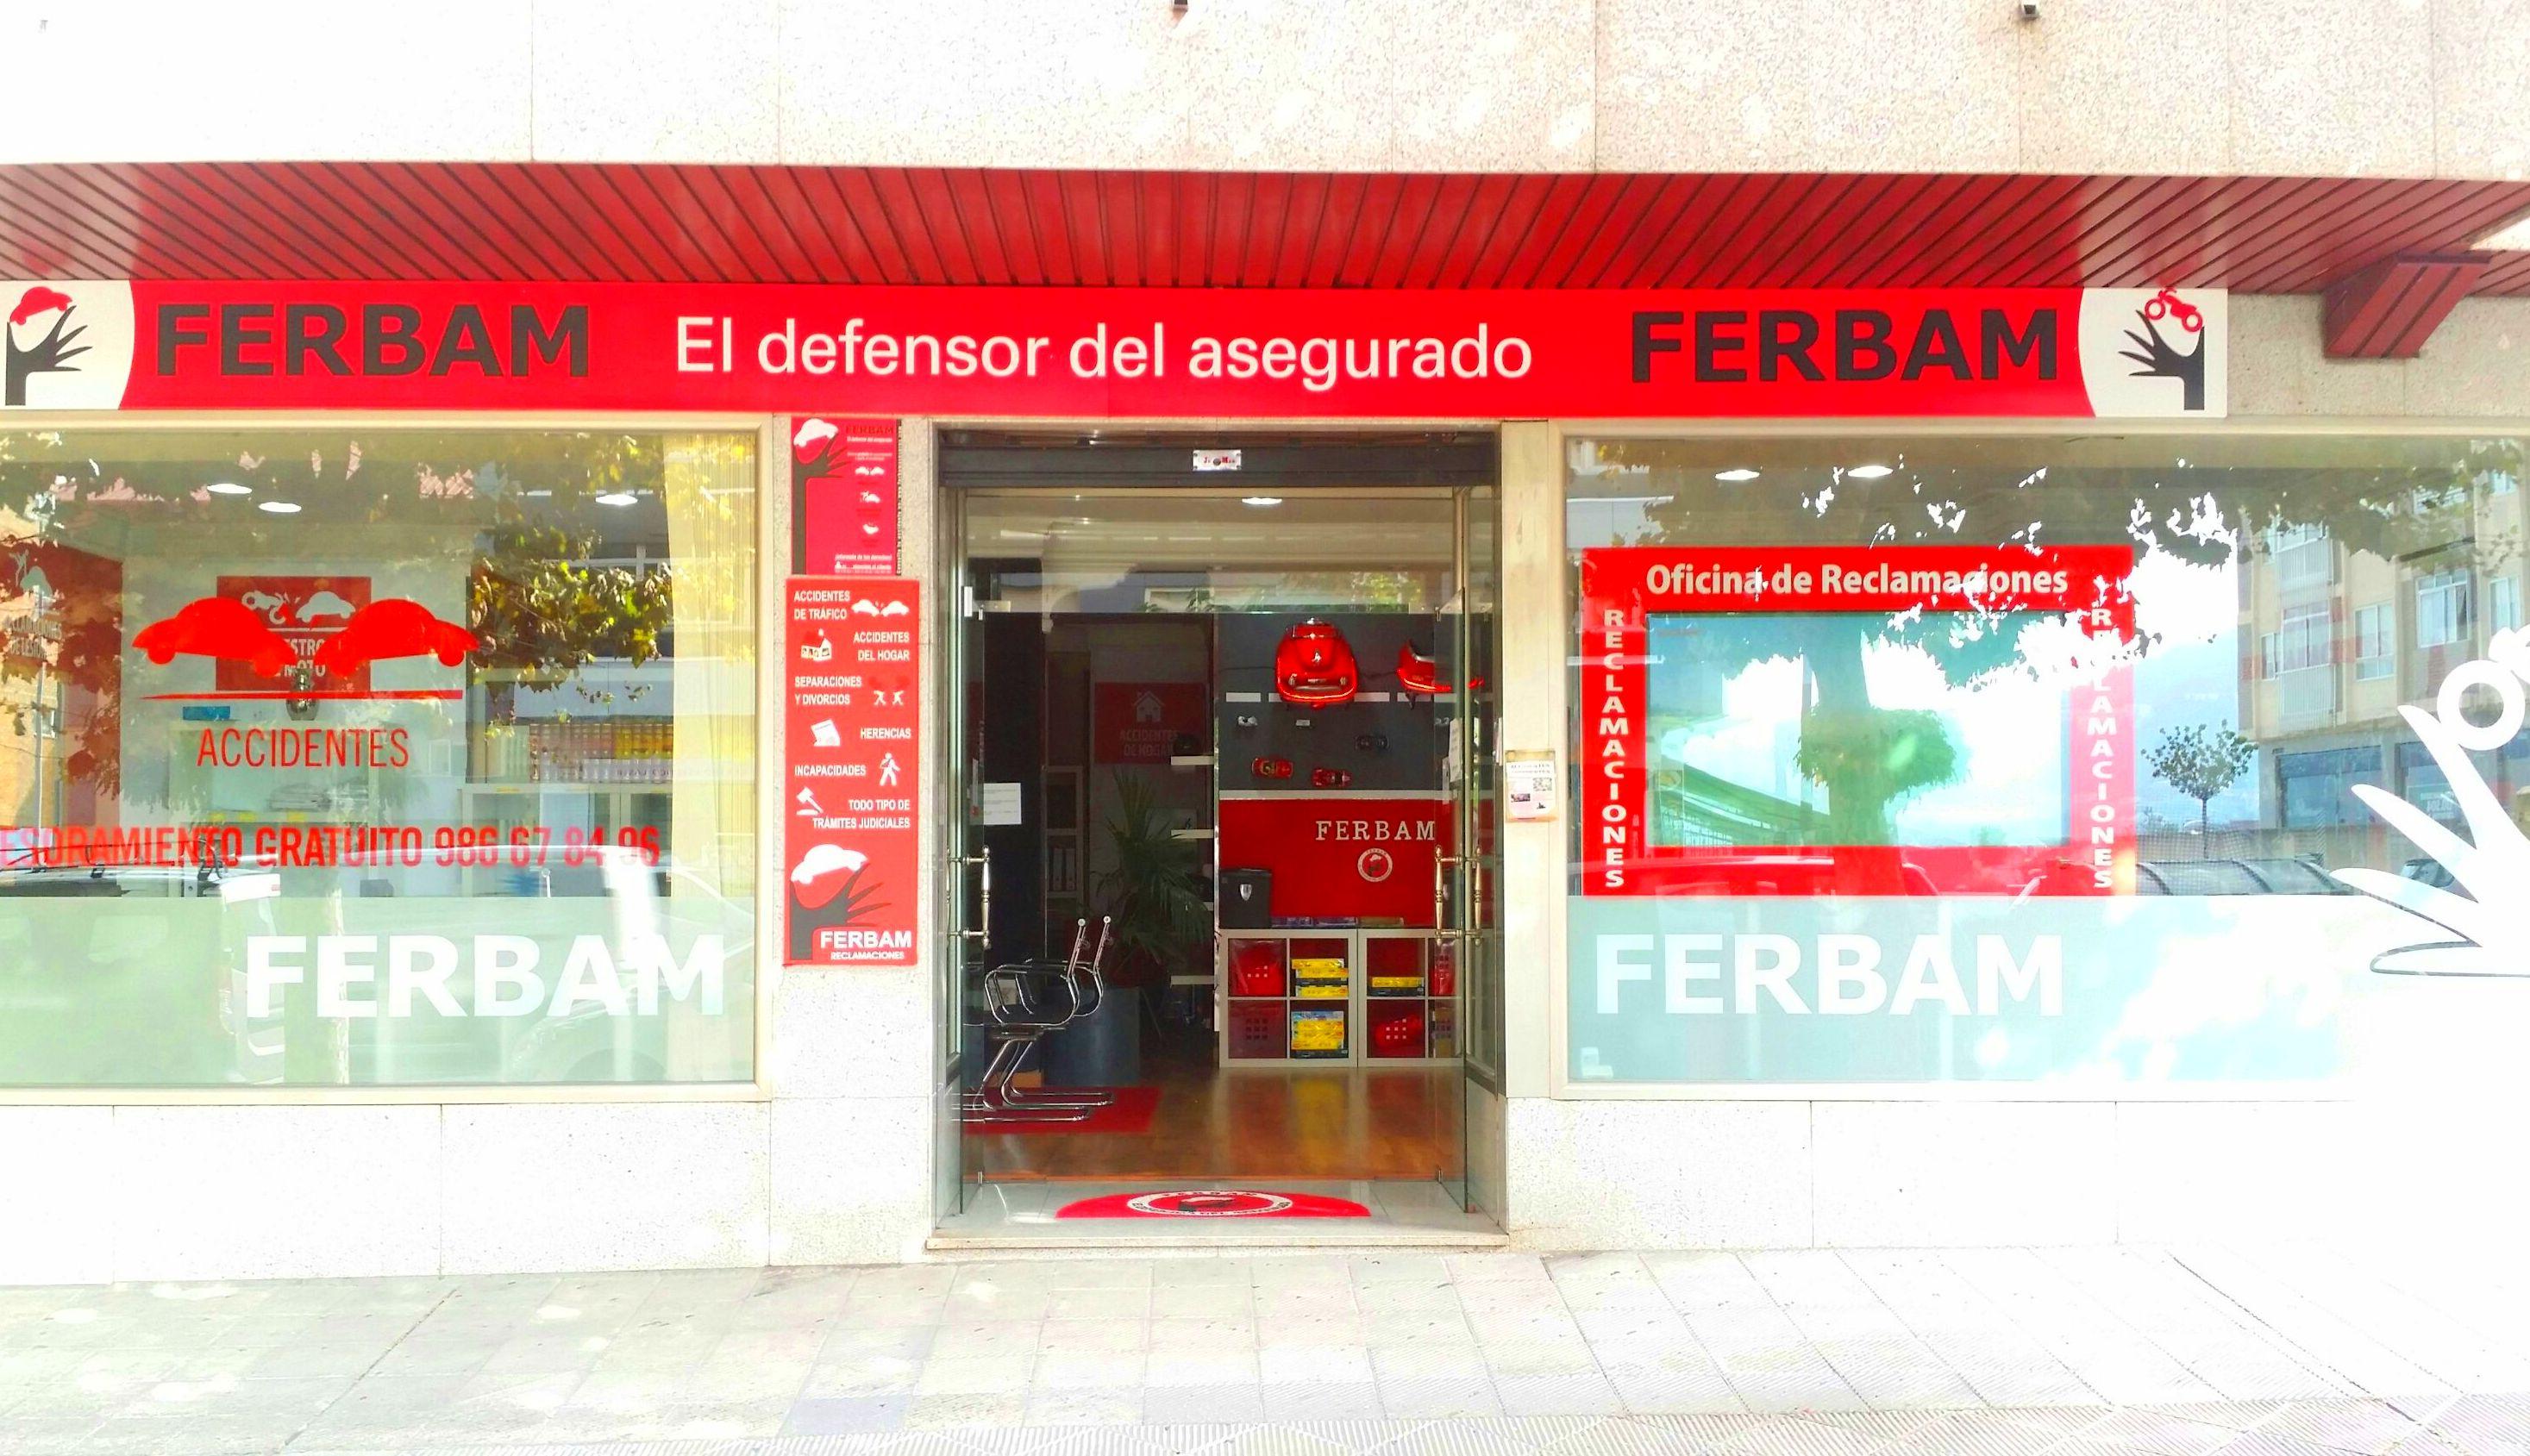 Foto 7 de Despacho de abogados especializado en indemnizaciones y reclamaciones en Vigo | Ferbam Reclamaciones